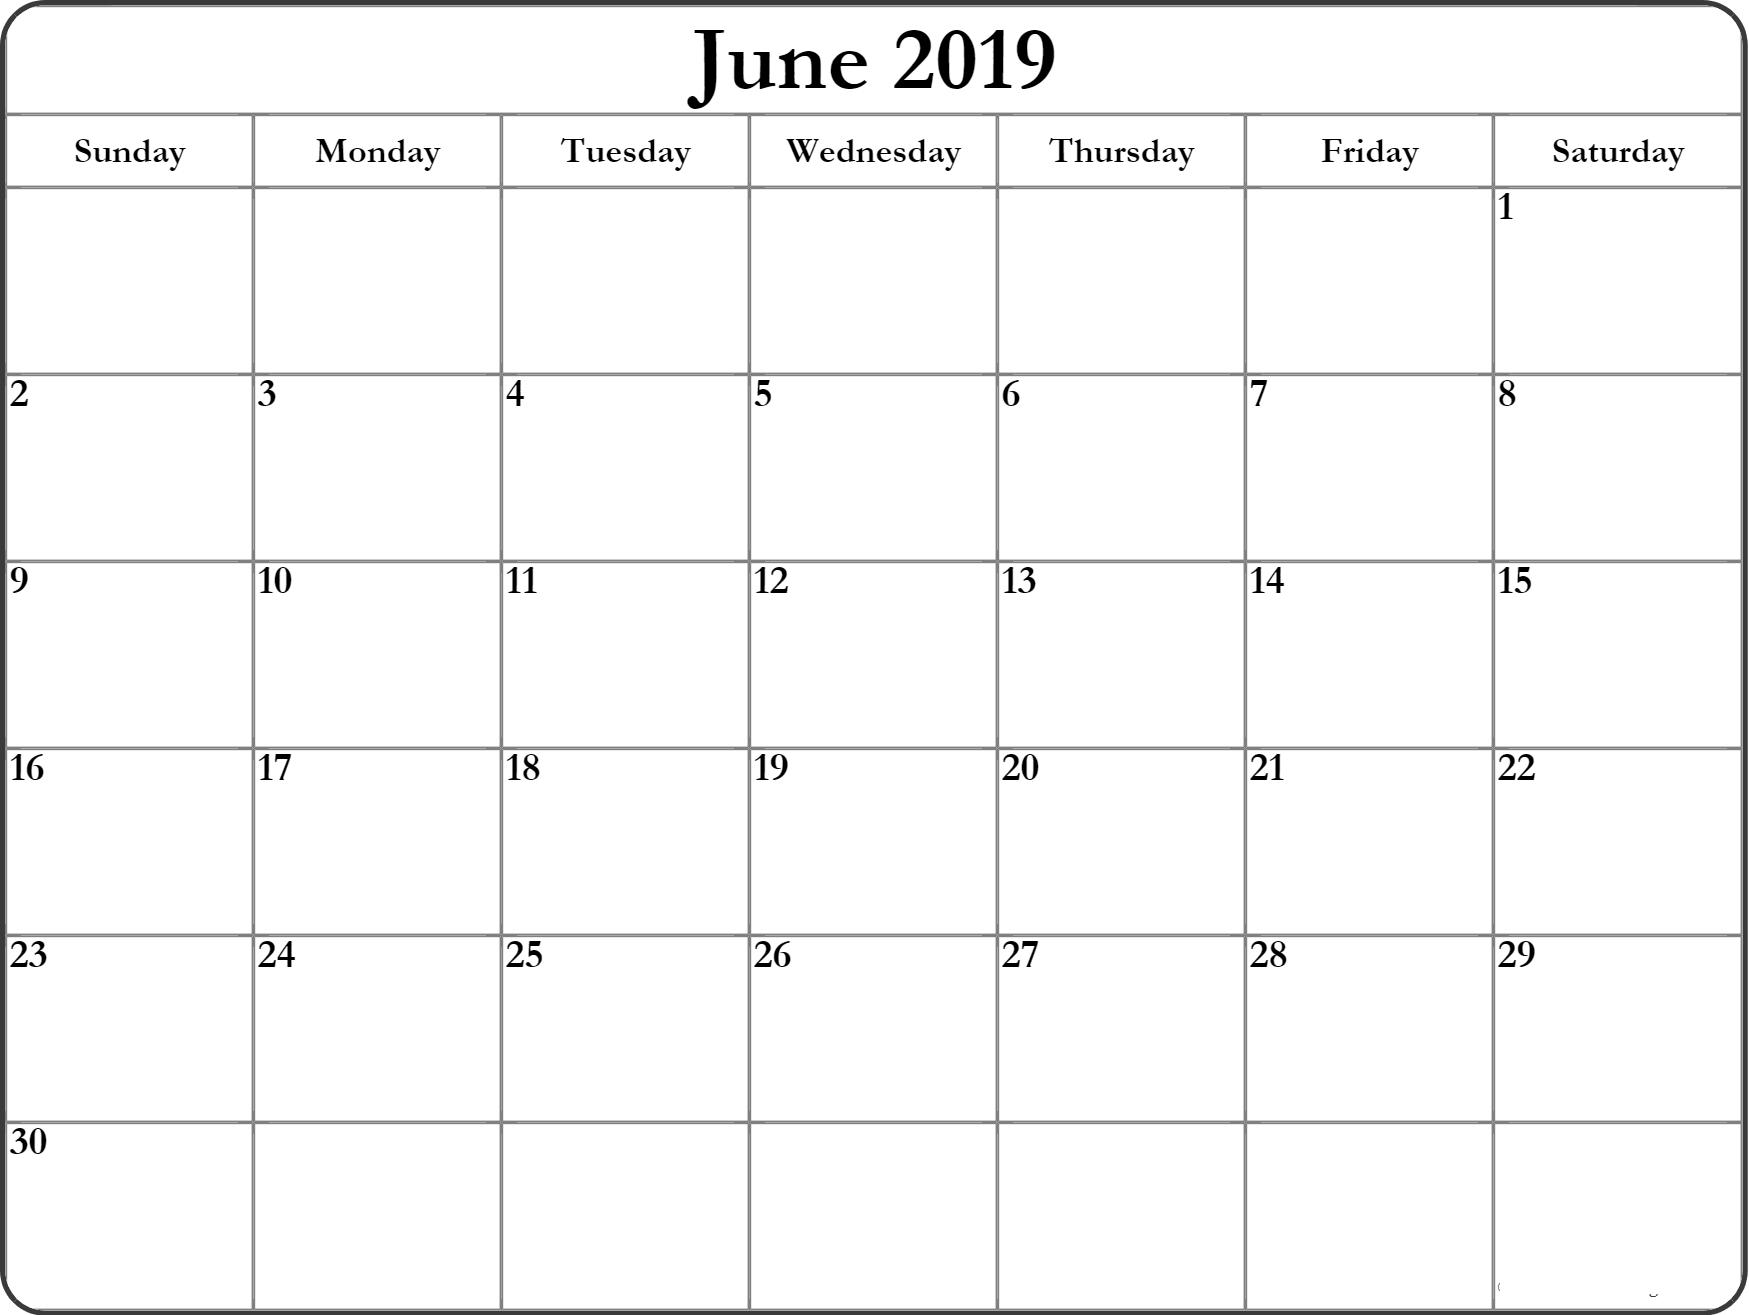 June 2019 Calendar Printable – Get Here Free June 2019 Calendar regarding Calendar June Template Australia